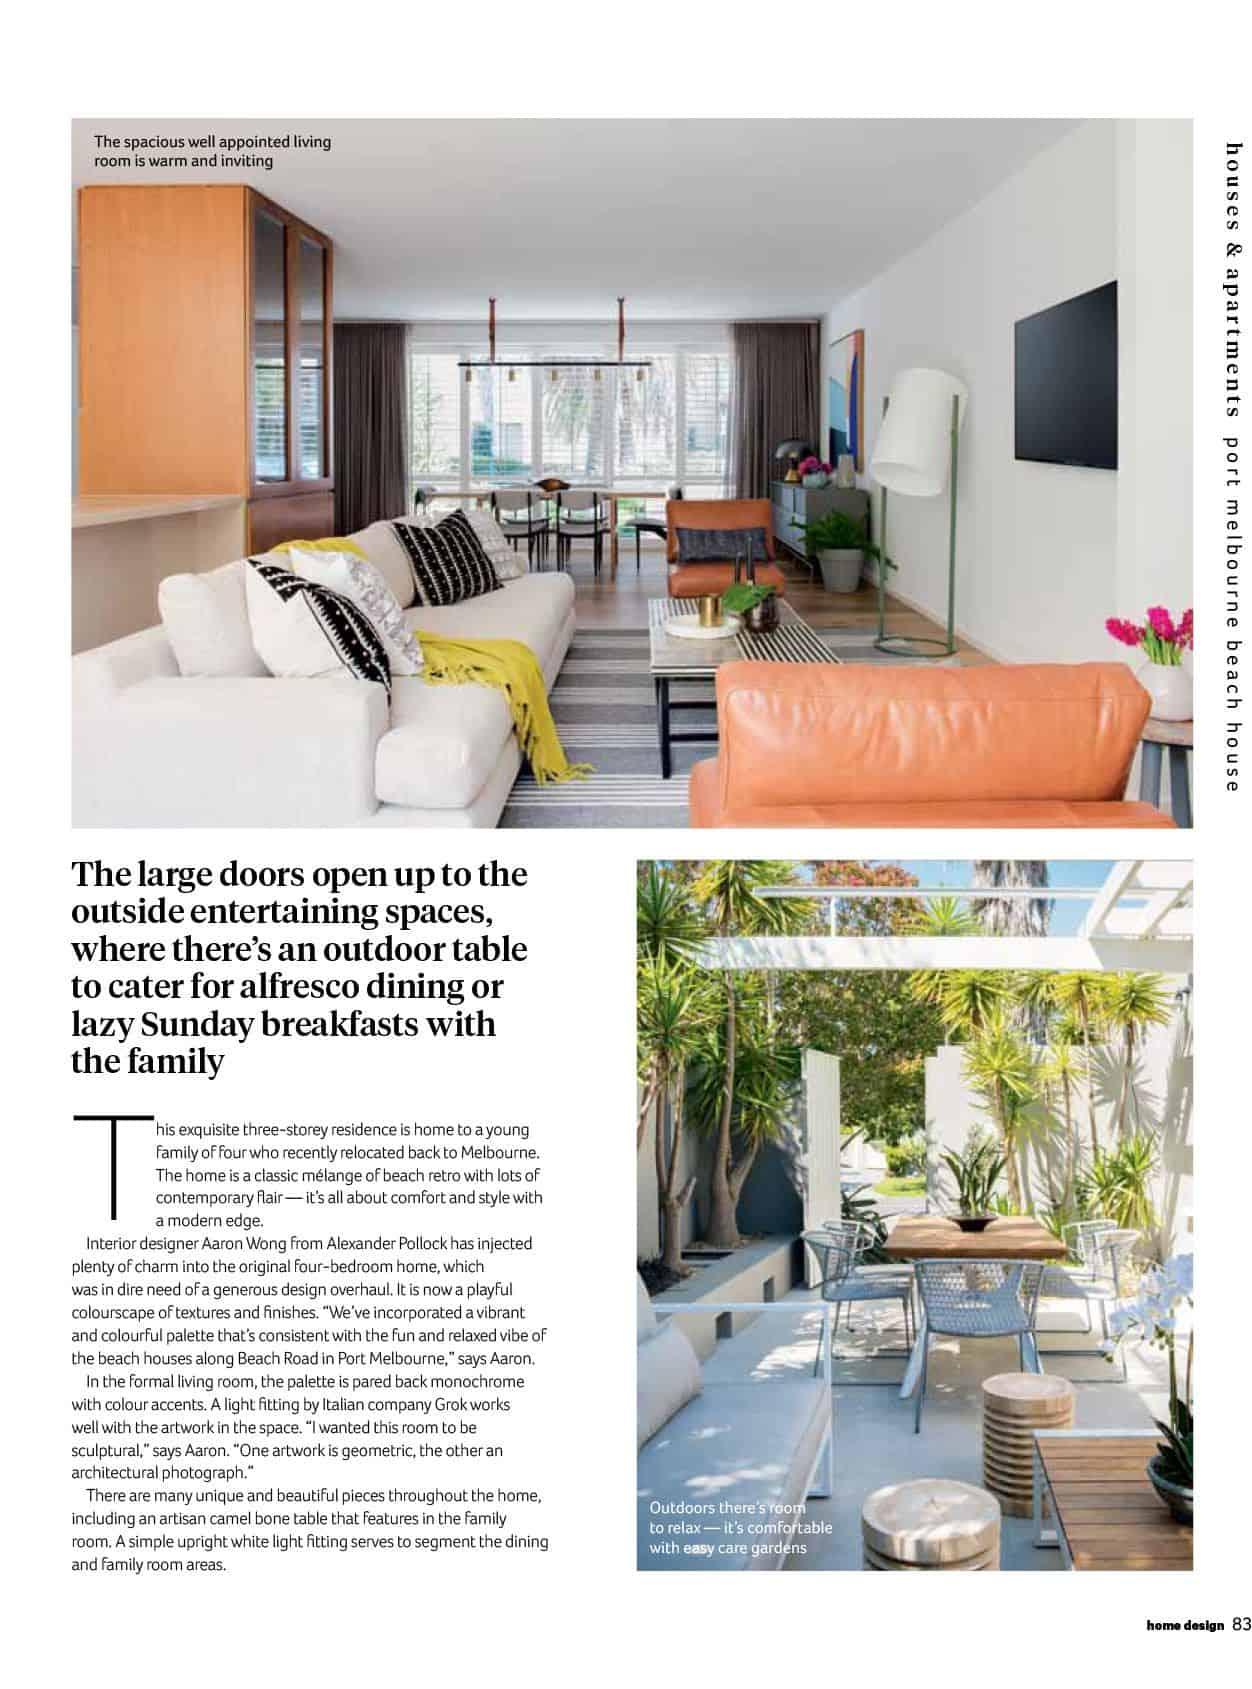 Alexander Pollock in Home Design Magazine - Volume 21 Issue 1 - 2018